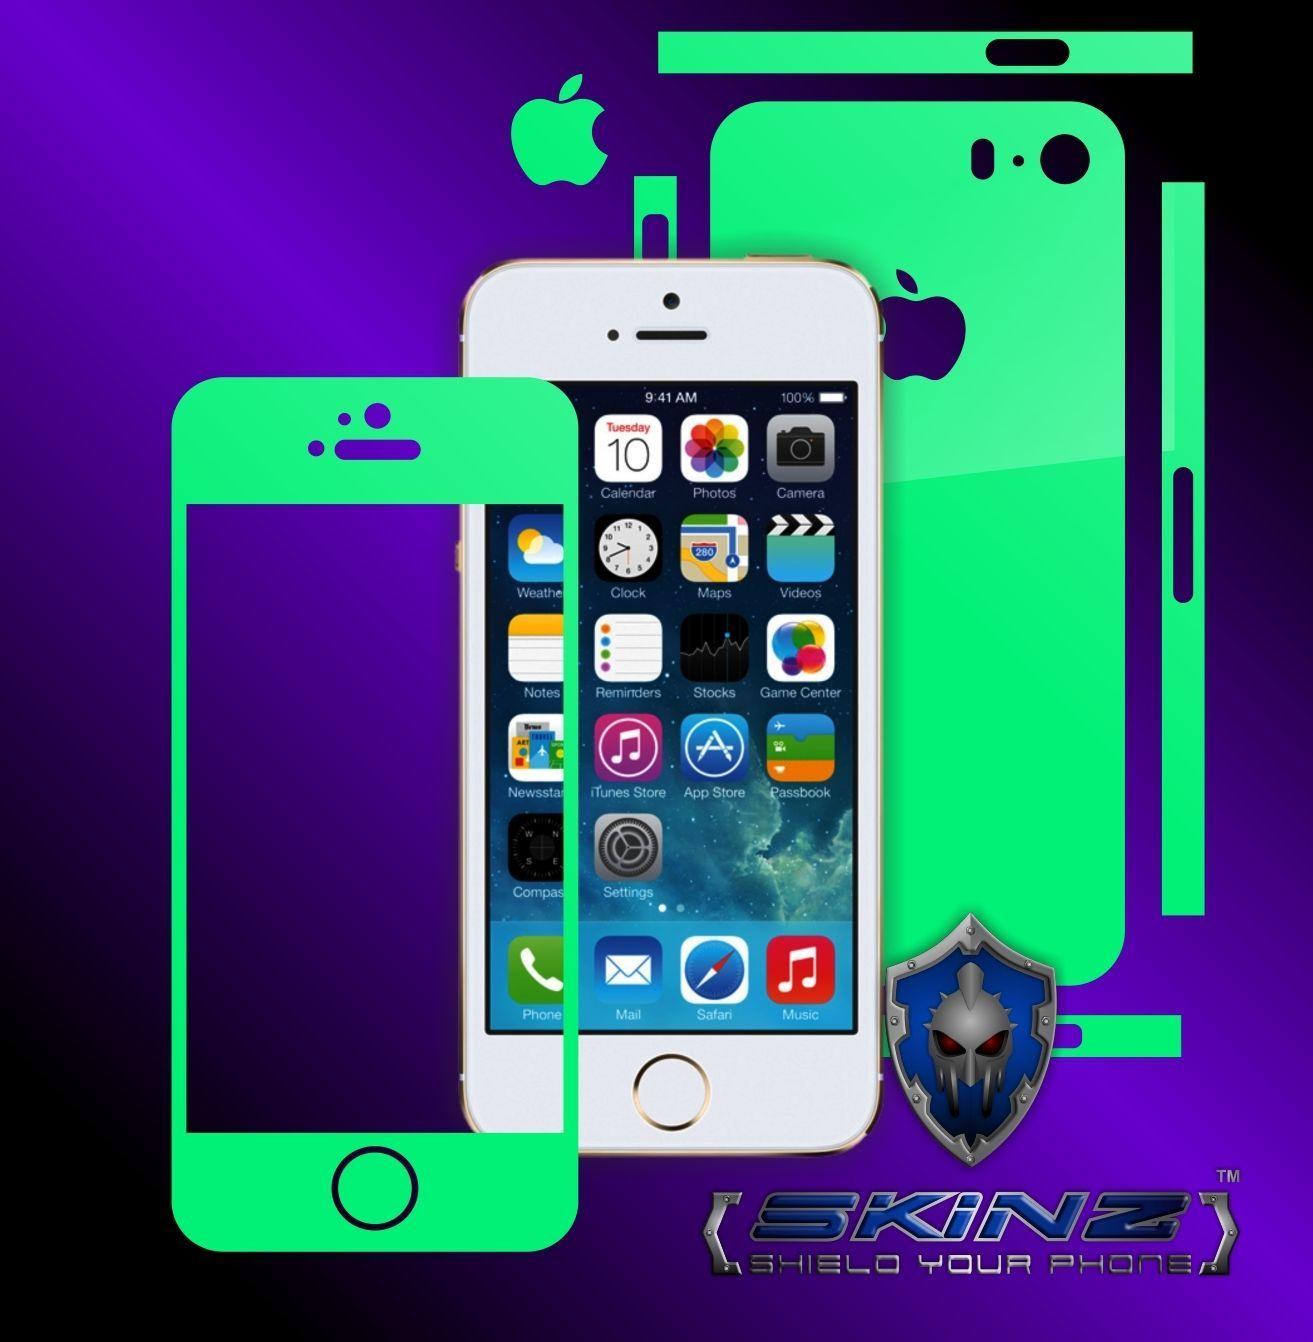 Iphone 5S - Glow Skin Folie,Ganzkörper Sticker Schutzfolie,LEUCHTET IM DUNKELN